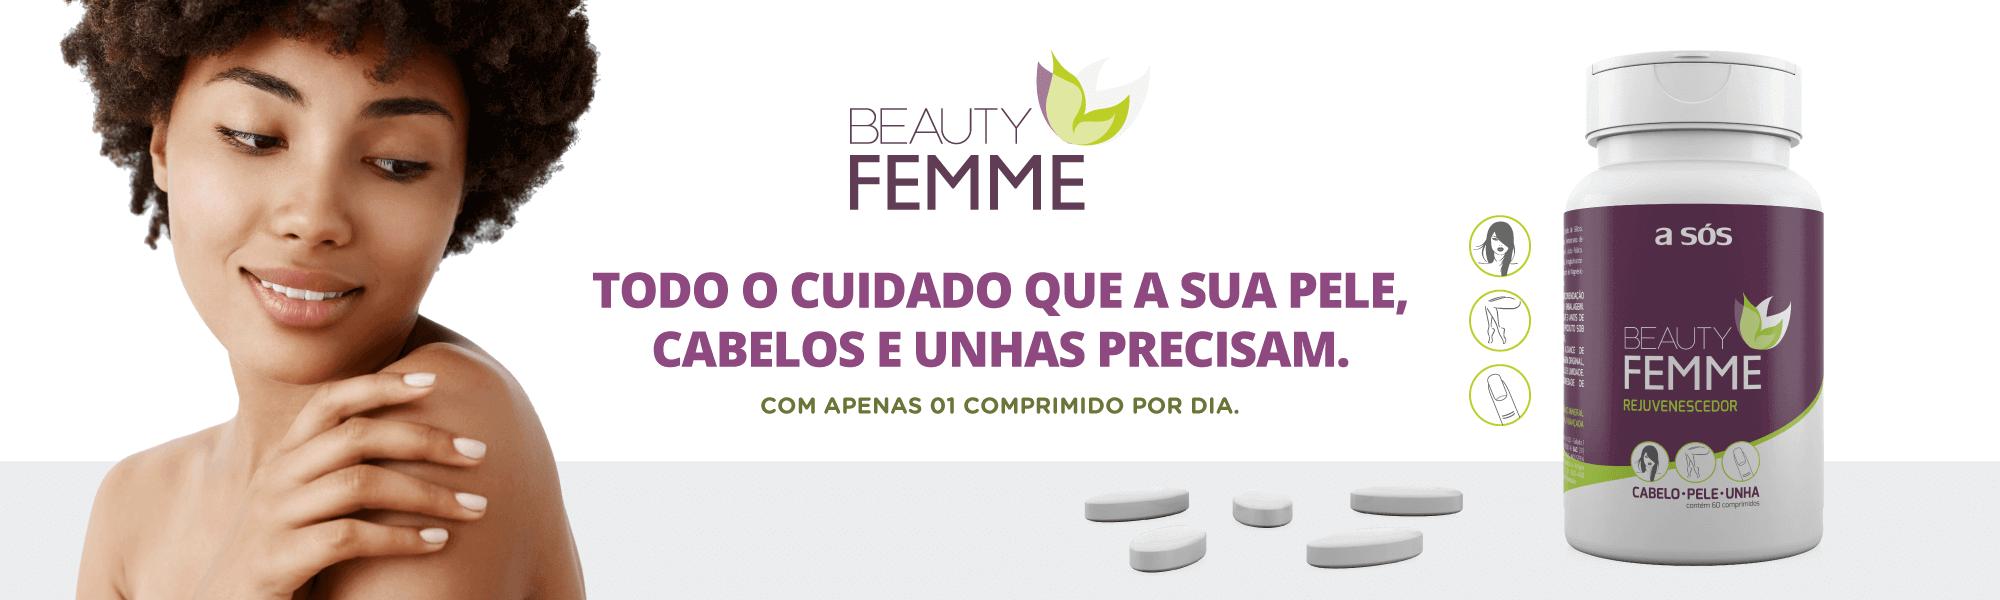 Beauty Femme